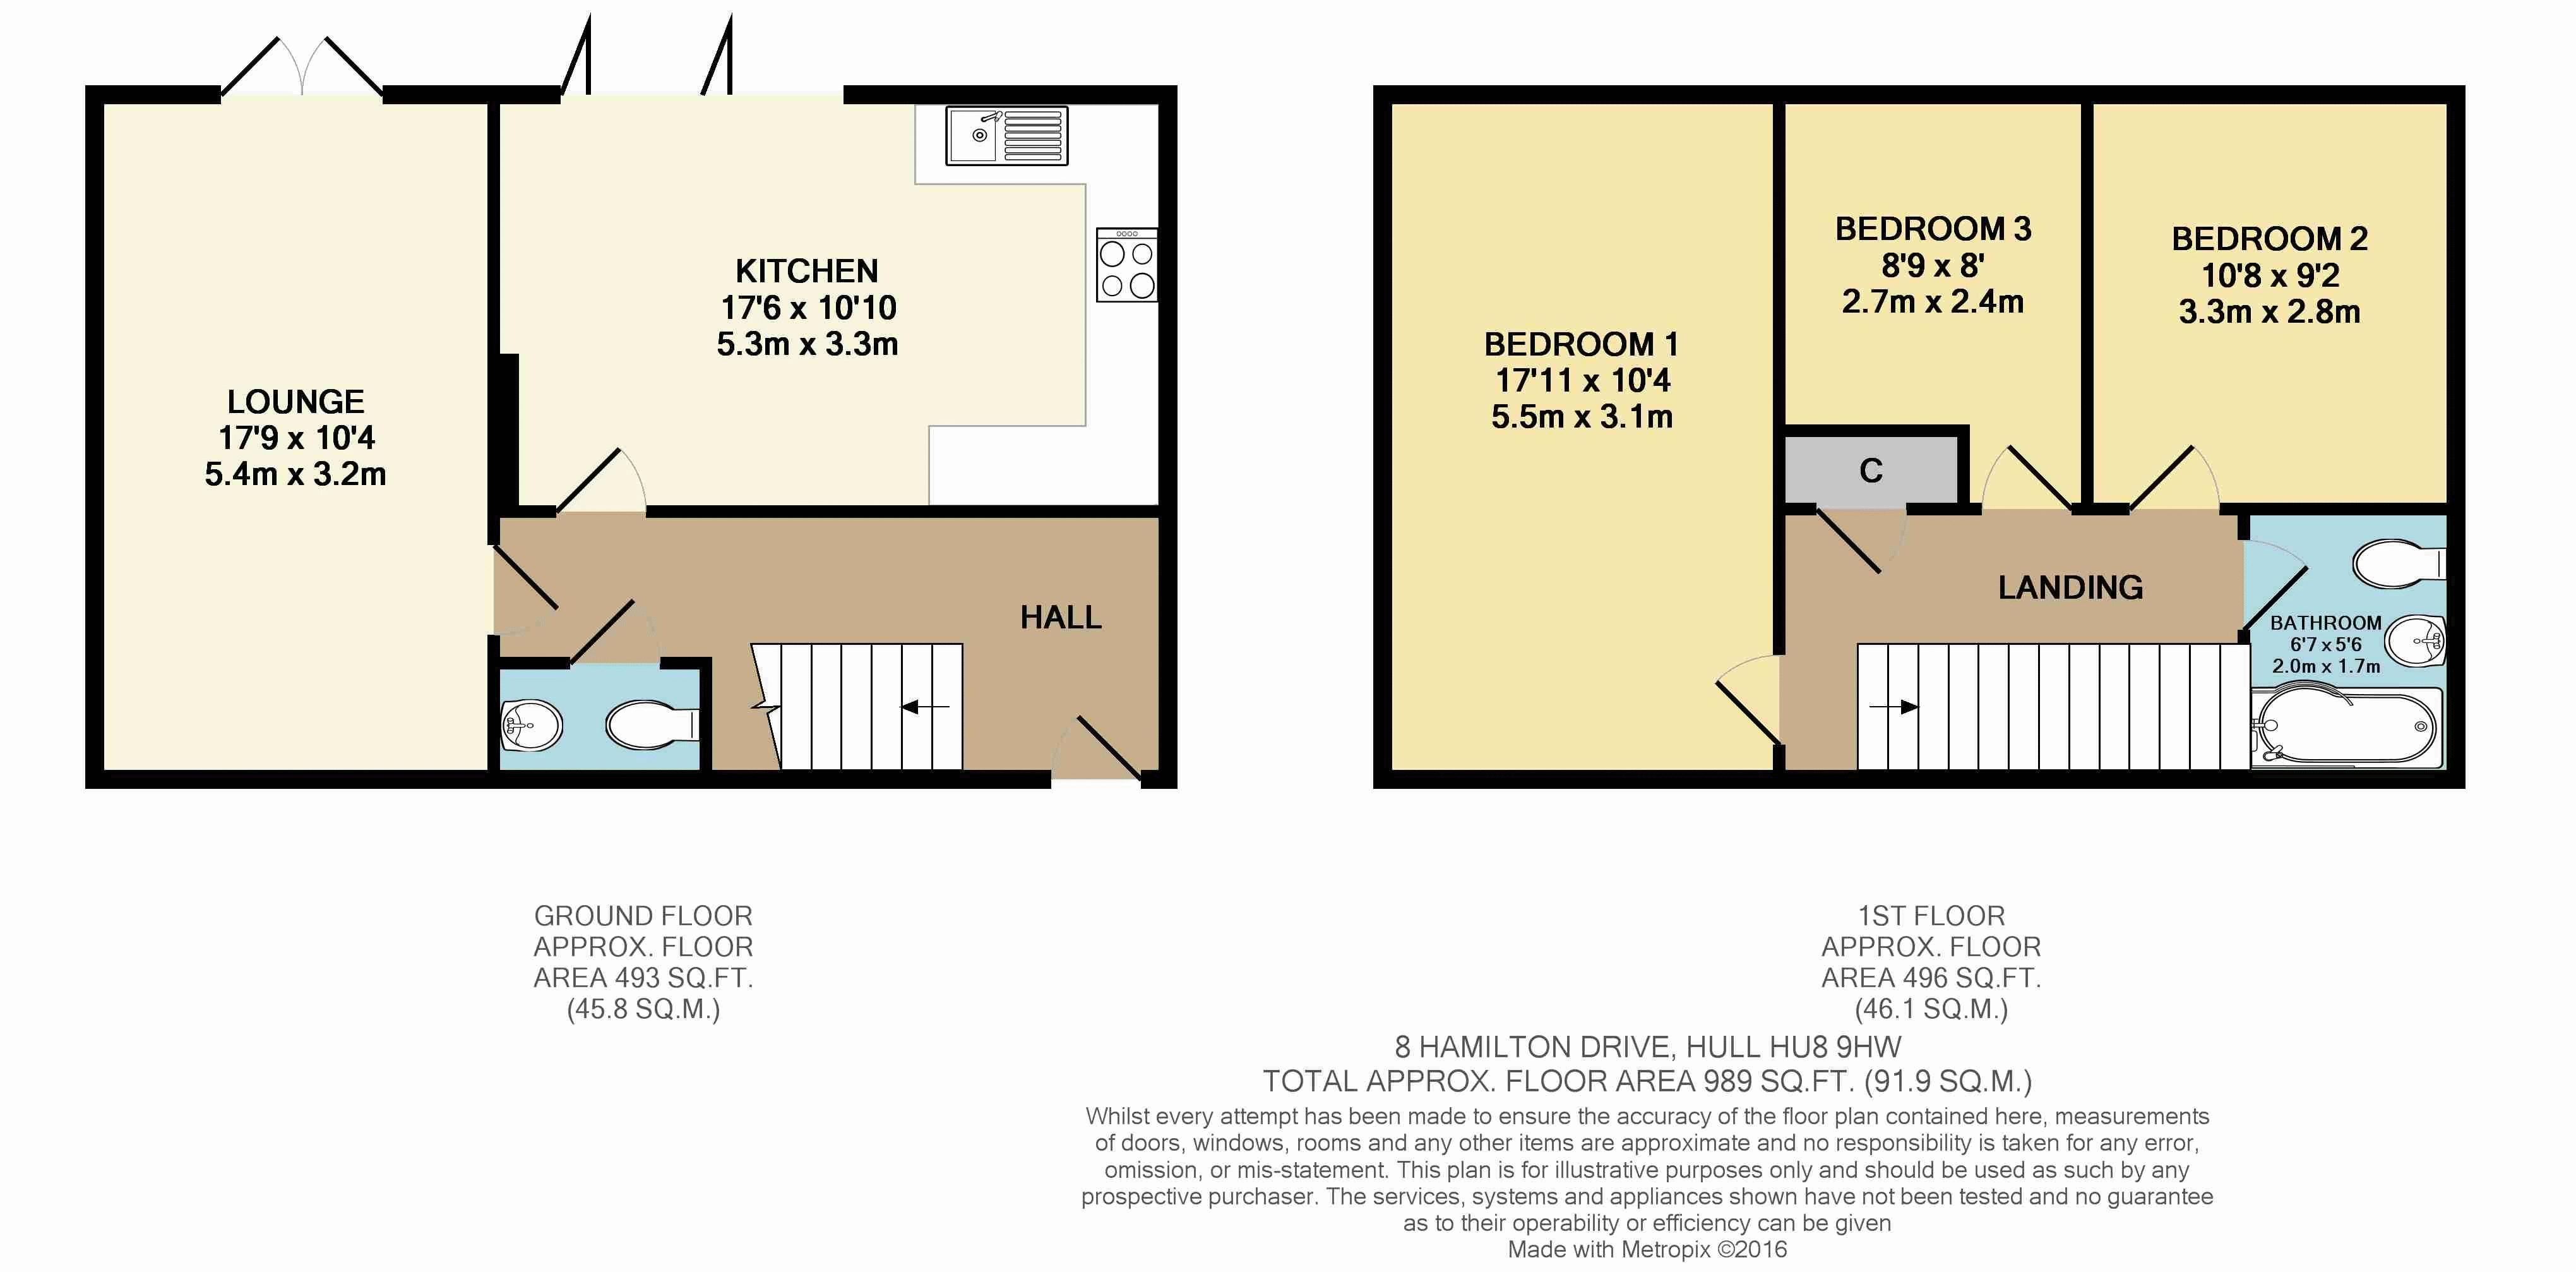 7 x 8 kitchen design home design for 11 x 8 kitchen designs